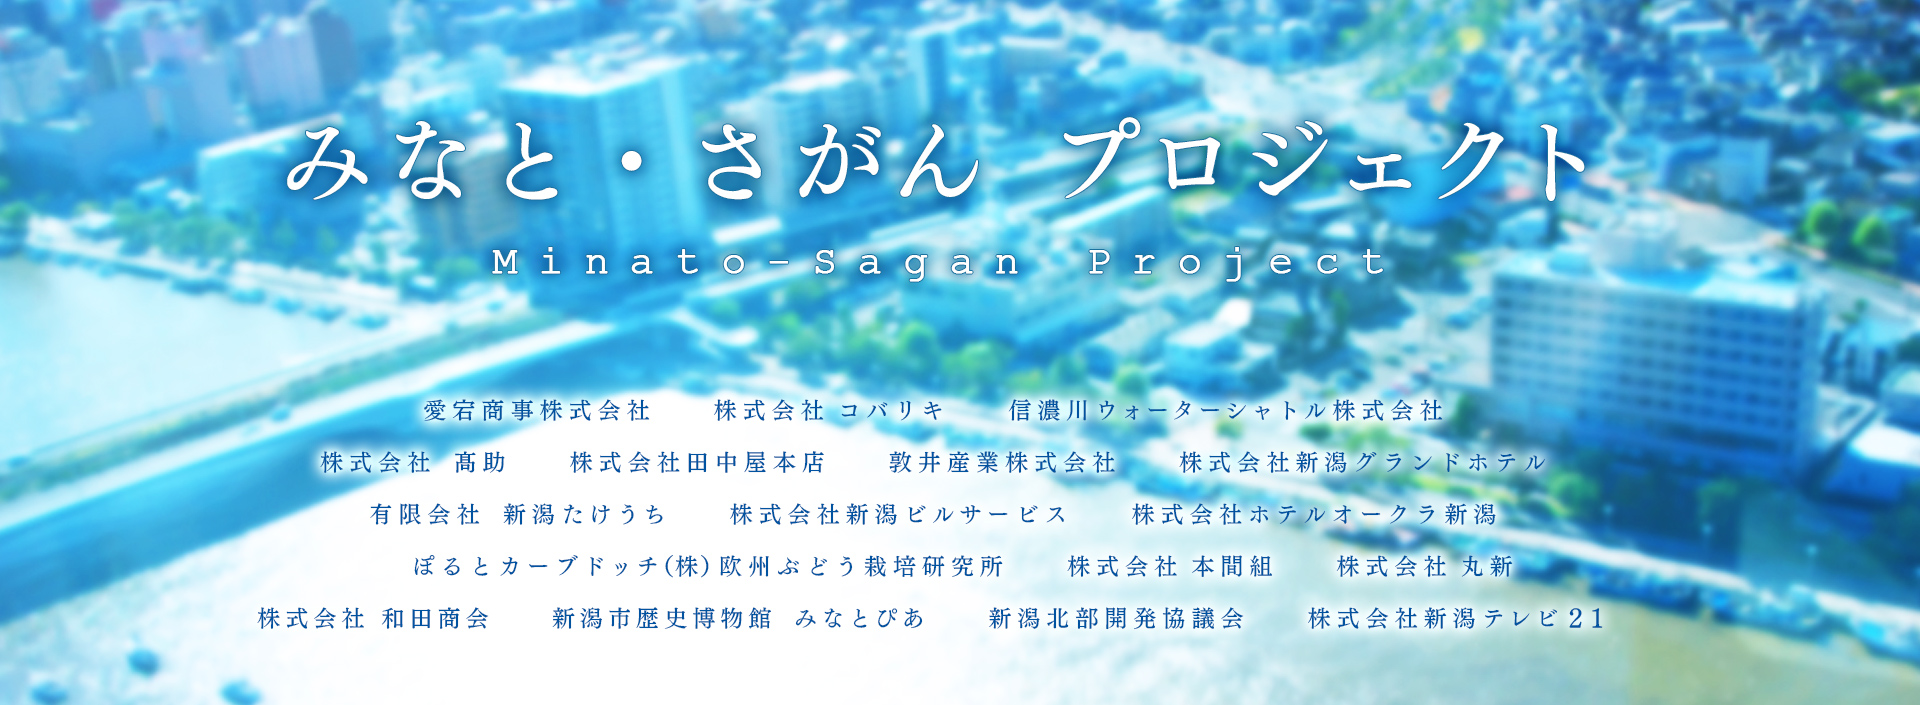 株式会社新潟テレビ21